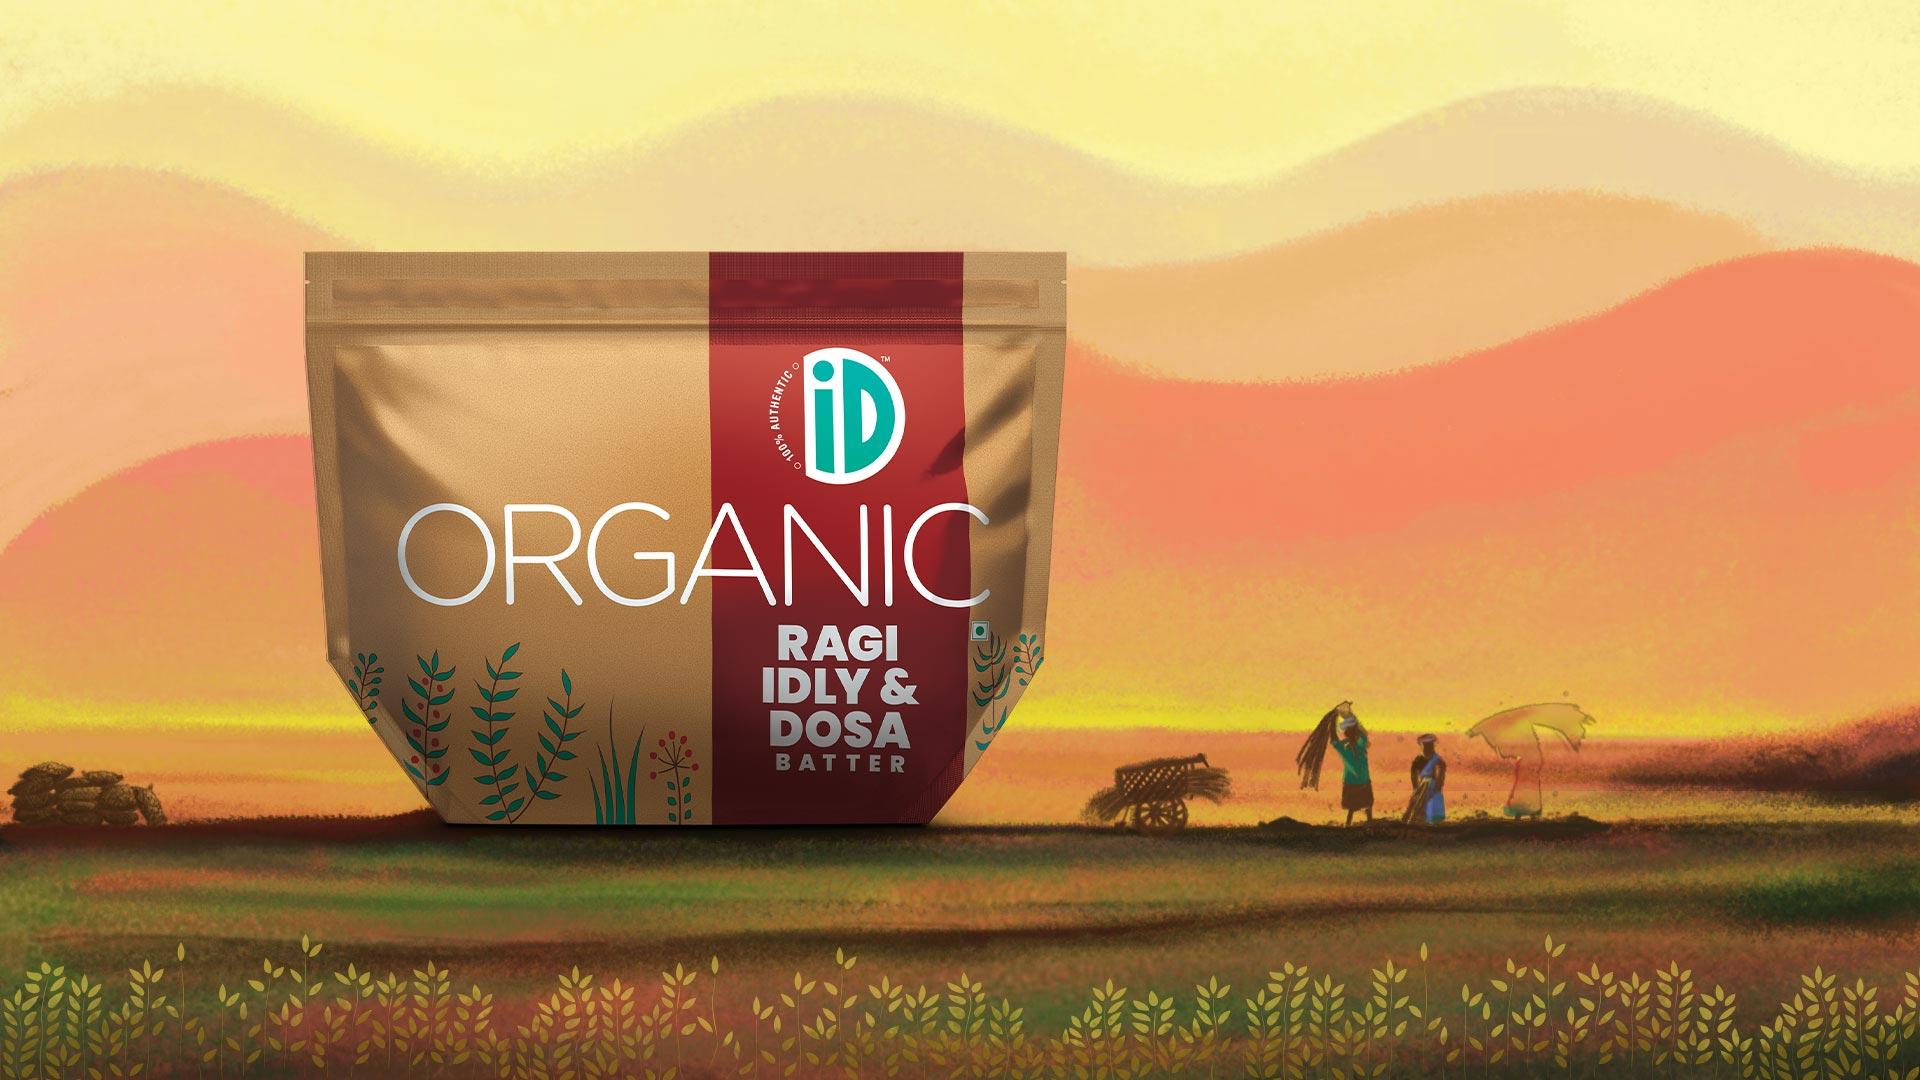 Organic Ragi Idly & Dosa - iD Fresh Food